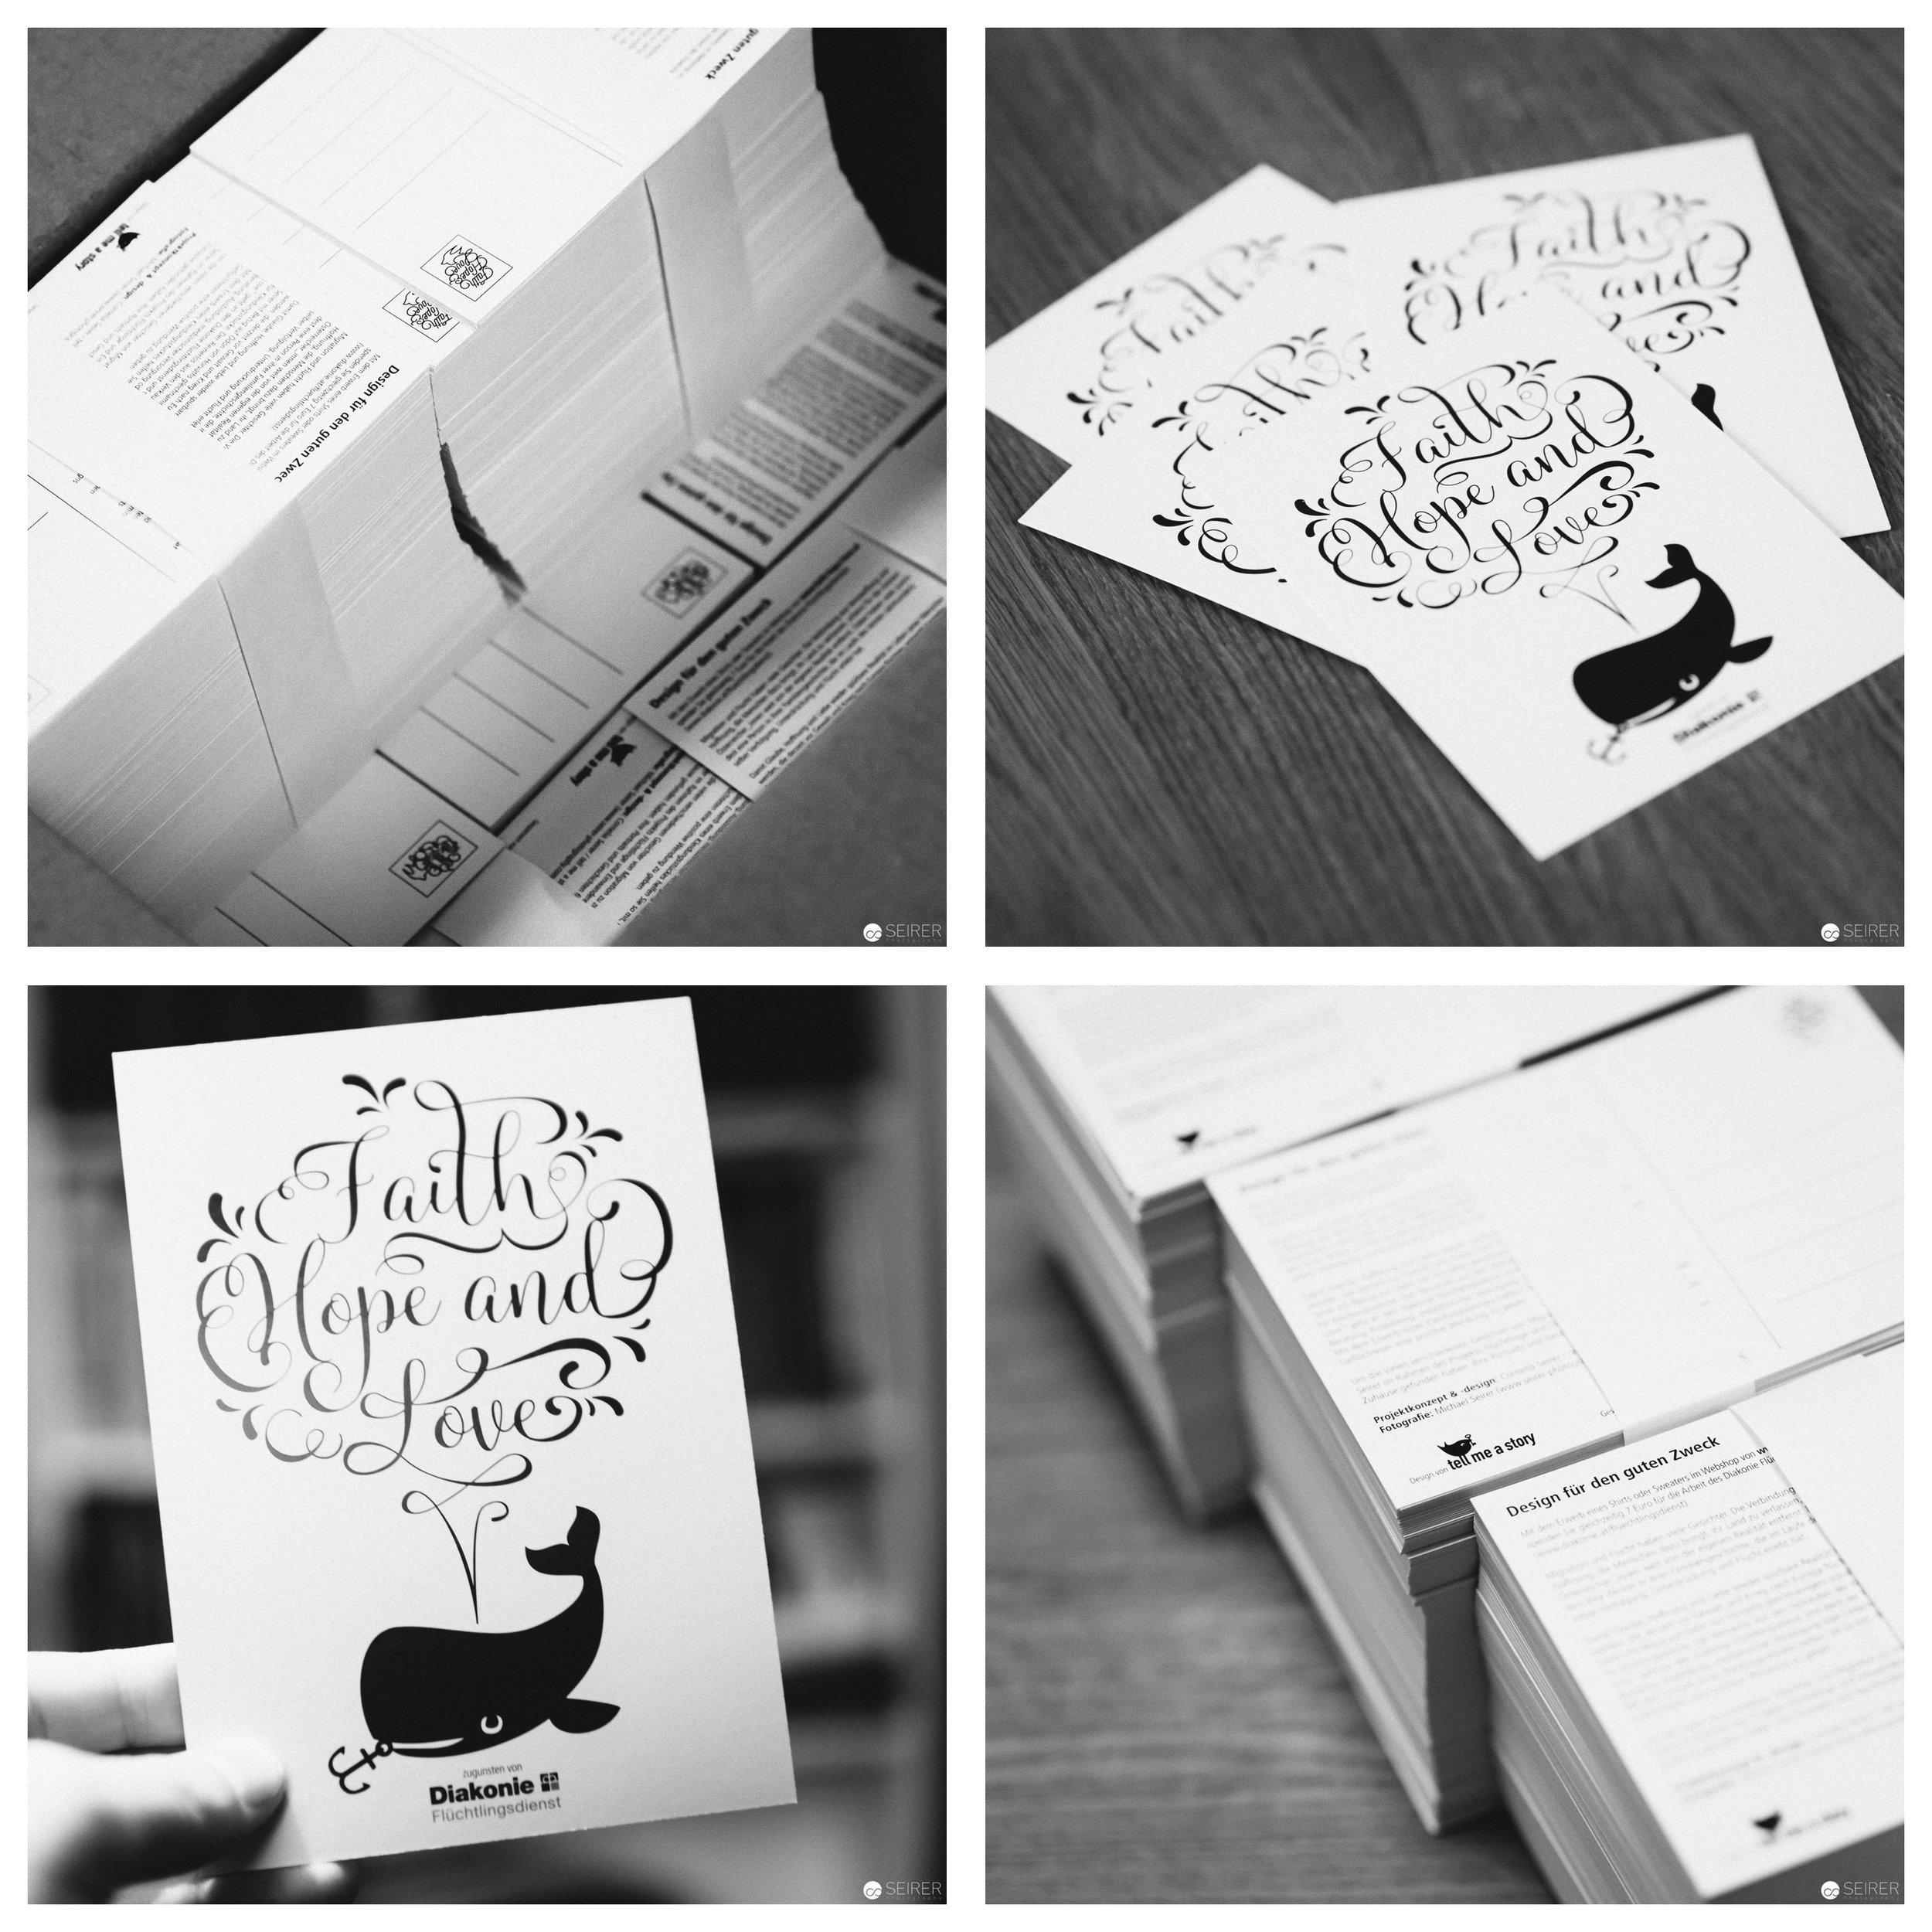 Unsere neuen Postkarten - vielen Dank an die Druckerei Druckerei Janetschek für das Sponsoring des Drucks!